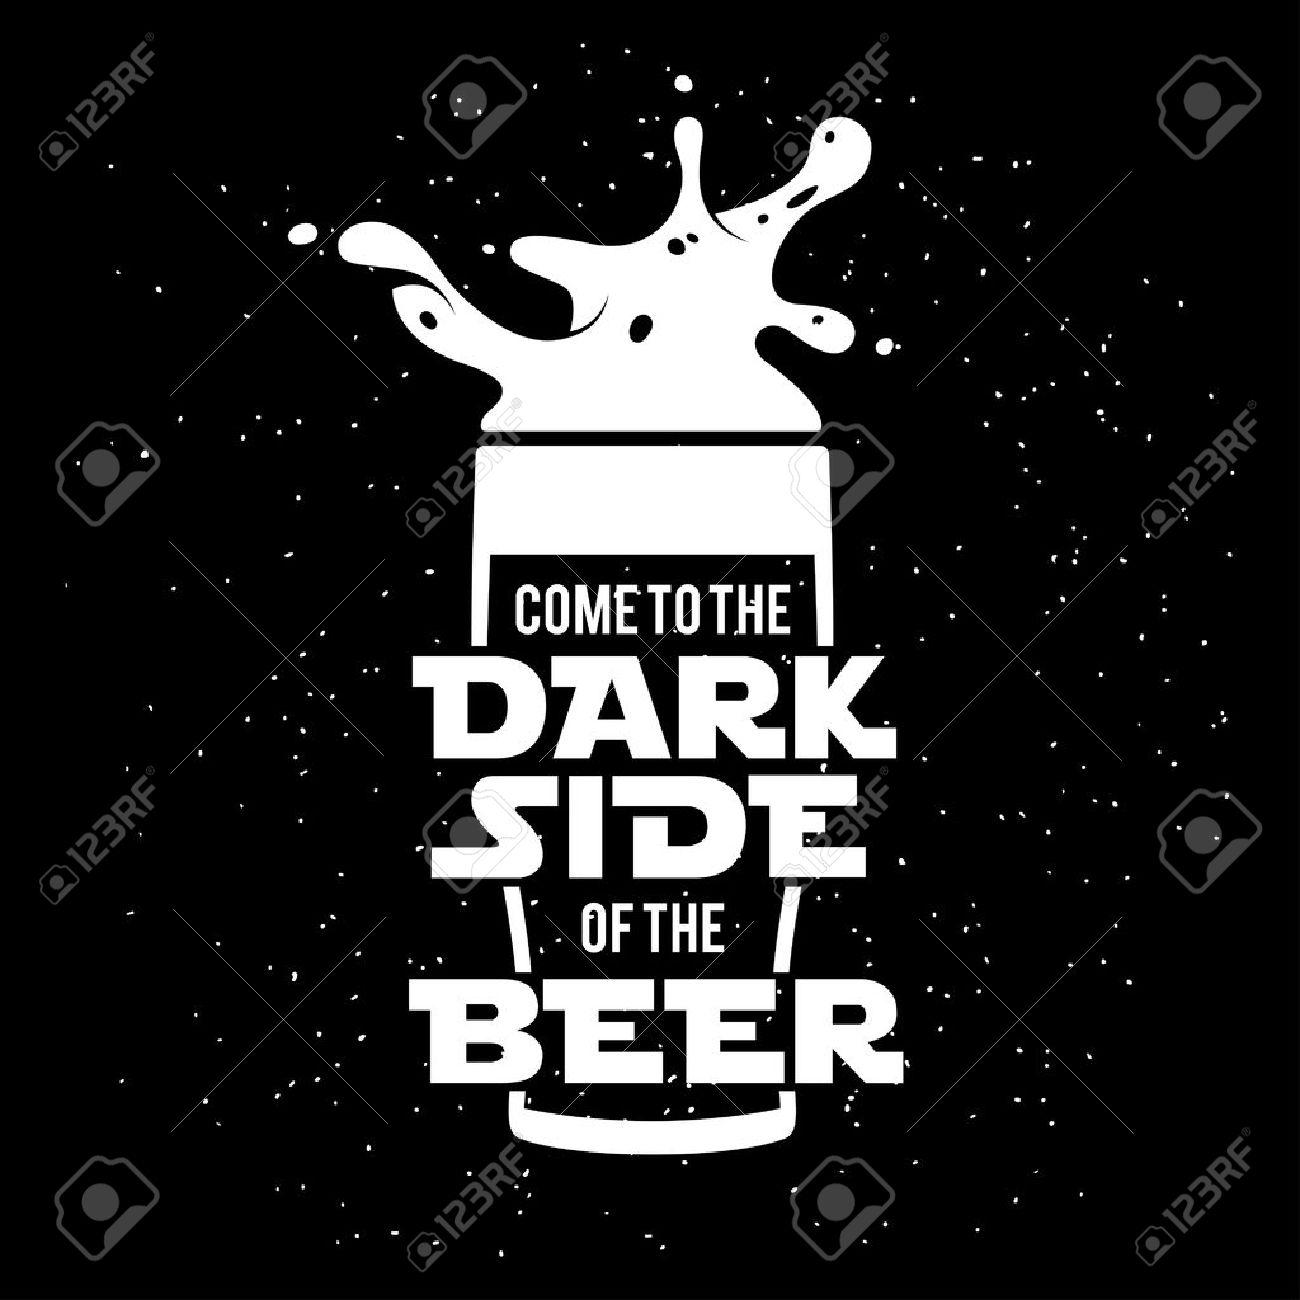 Dark side of the beer print. Chalkboard vintage illustration. Creative trendy design element for beer advertising. - 51114608